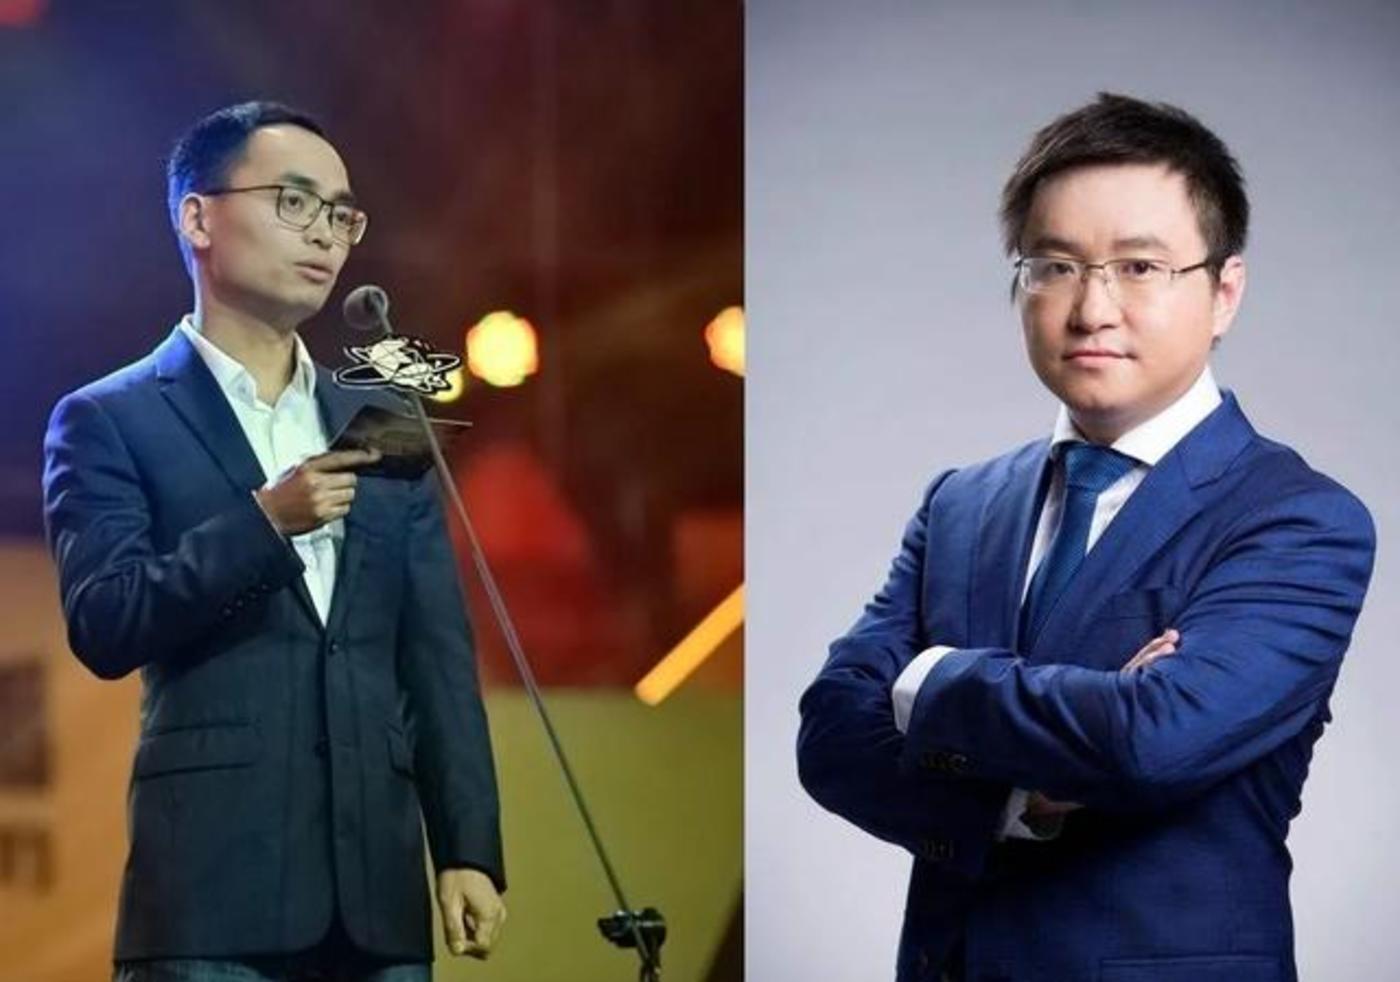 虎牙创始人董荣杰(左)、斗鱼创始人陈少杰(右)